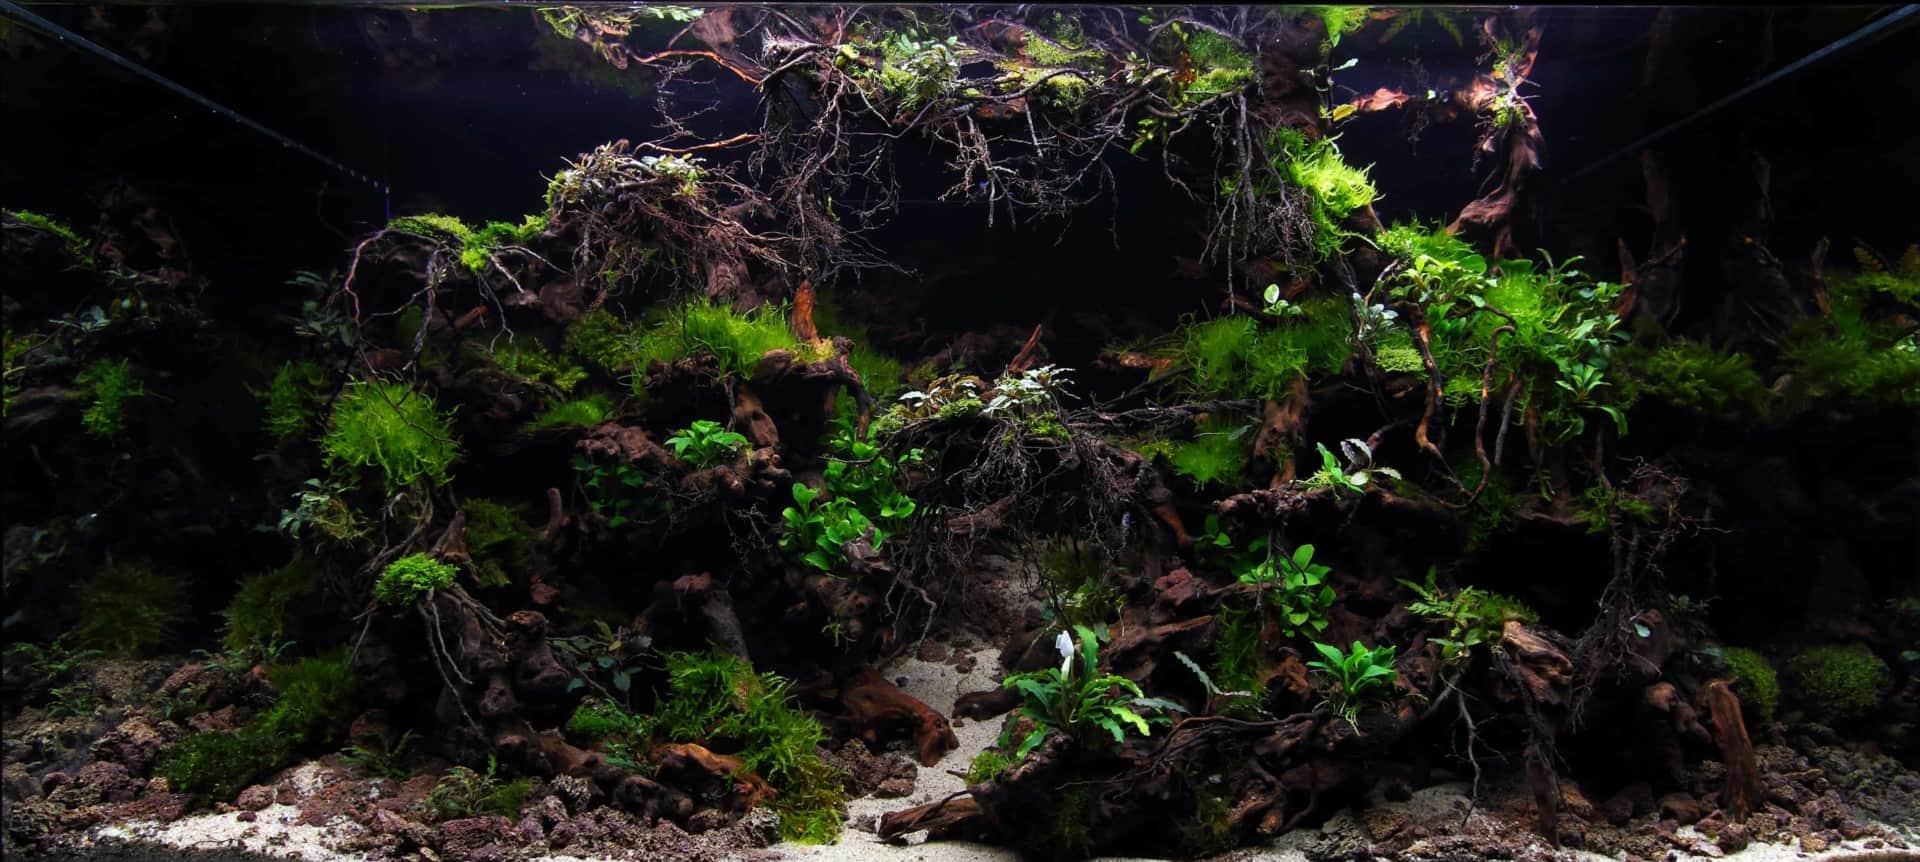 191 - The Art of the Planted Aquarium - Neuheiten und Möglichkeiten zum Mitmachen im April 2019 (Stefanie Hesse) 44